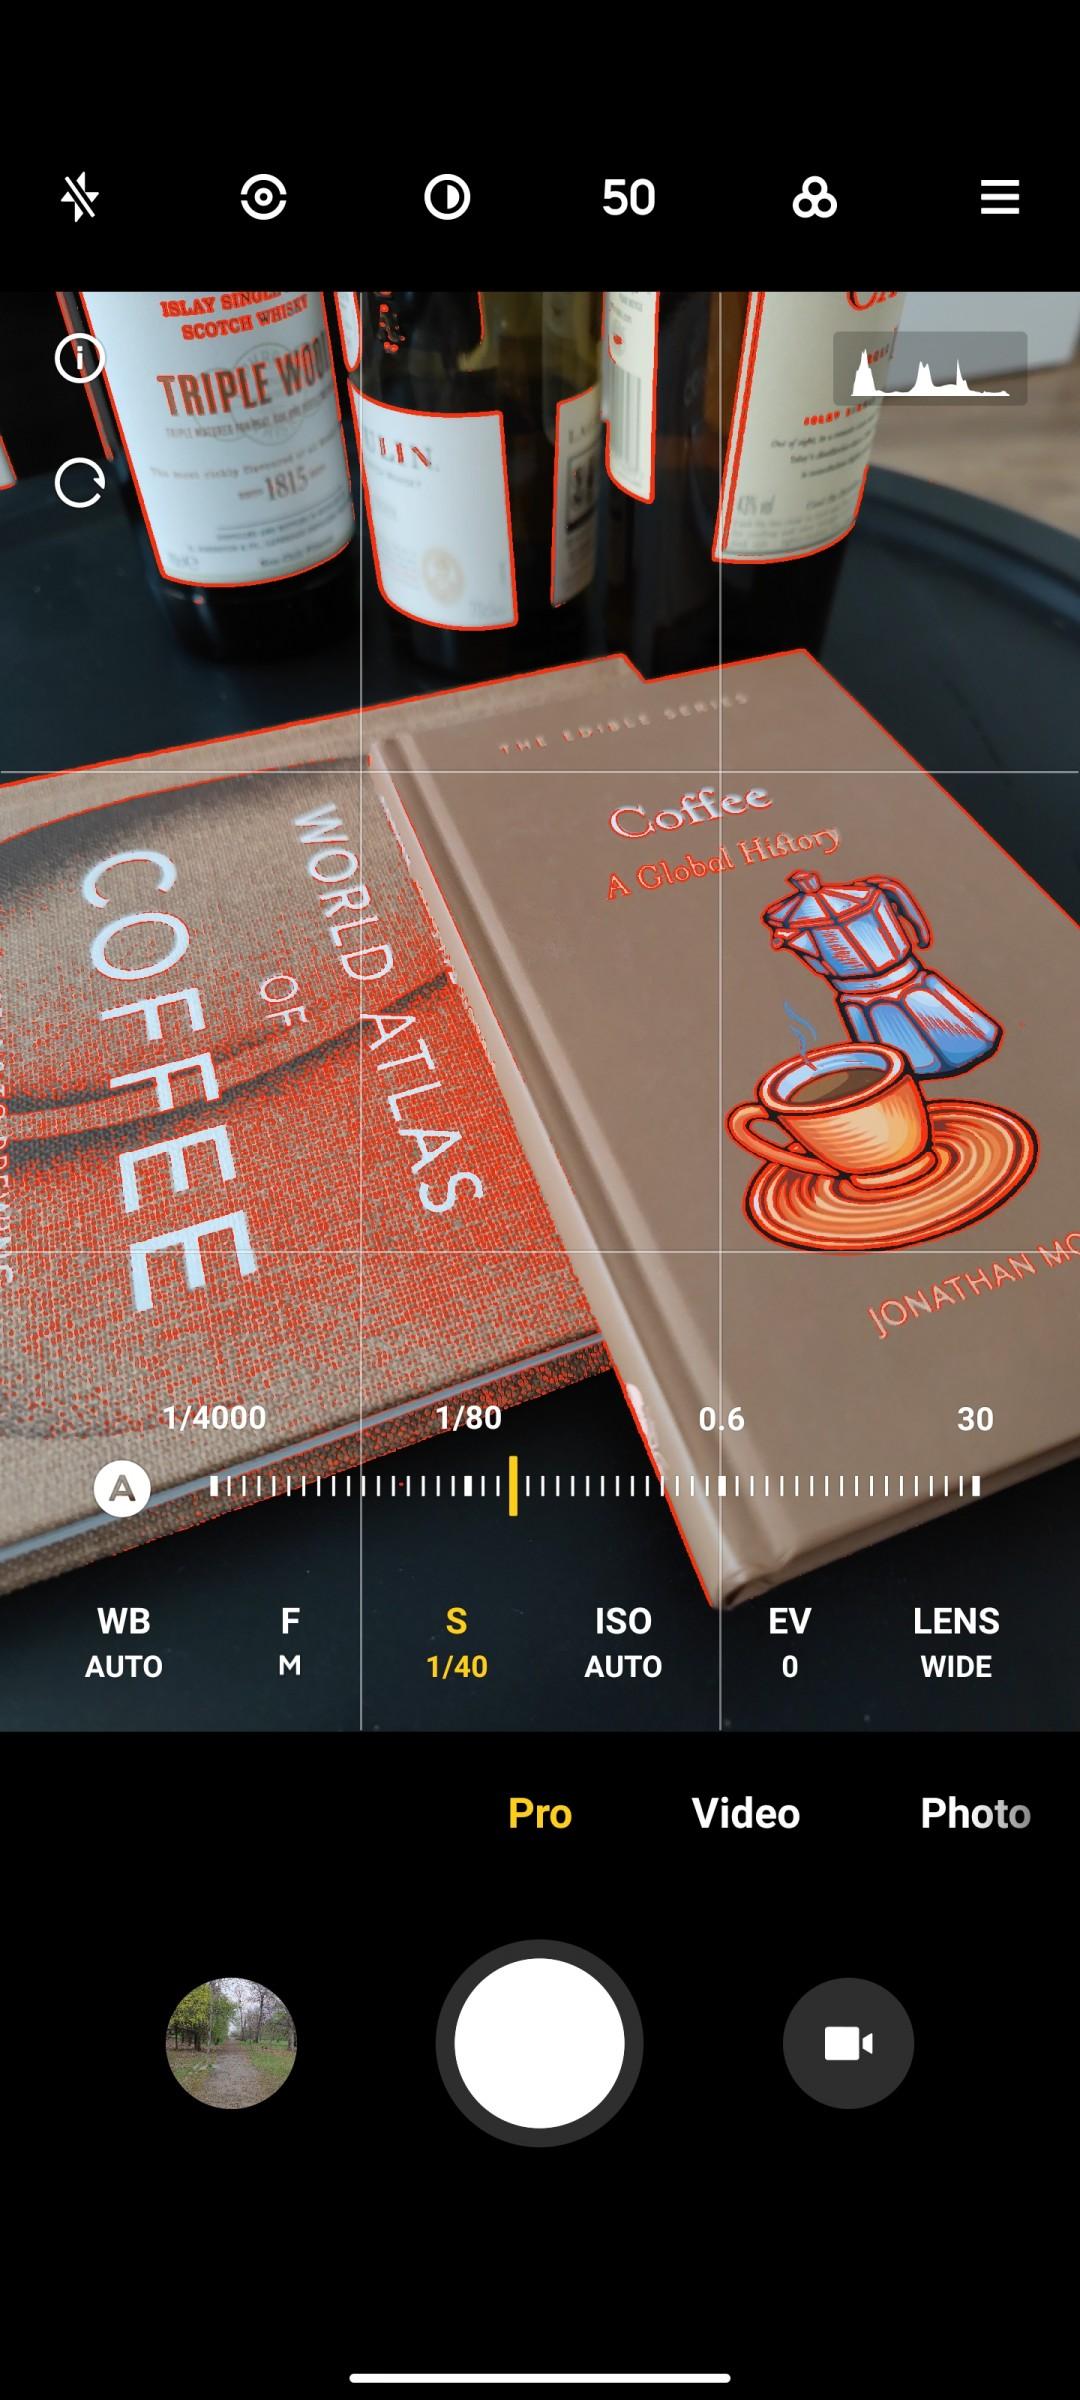 بررسی کامل و تخصصی گوشی می 11 اولترا شیائومی 96